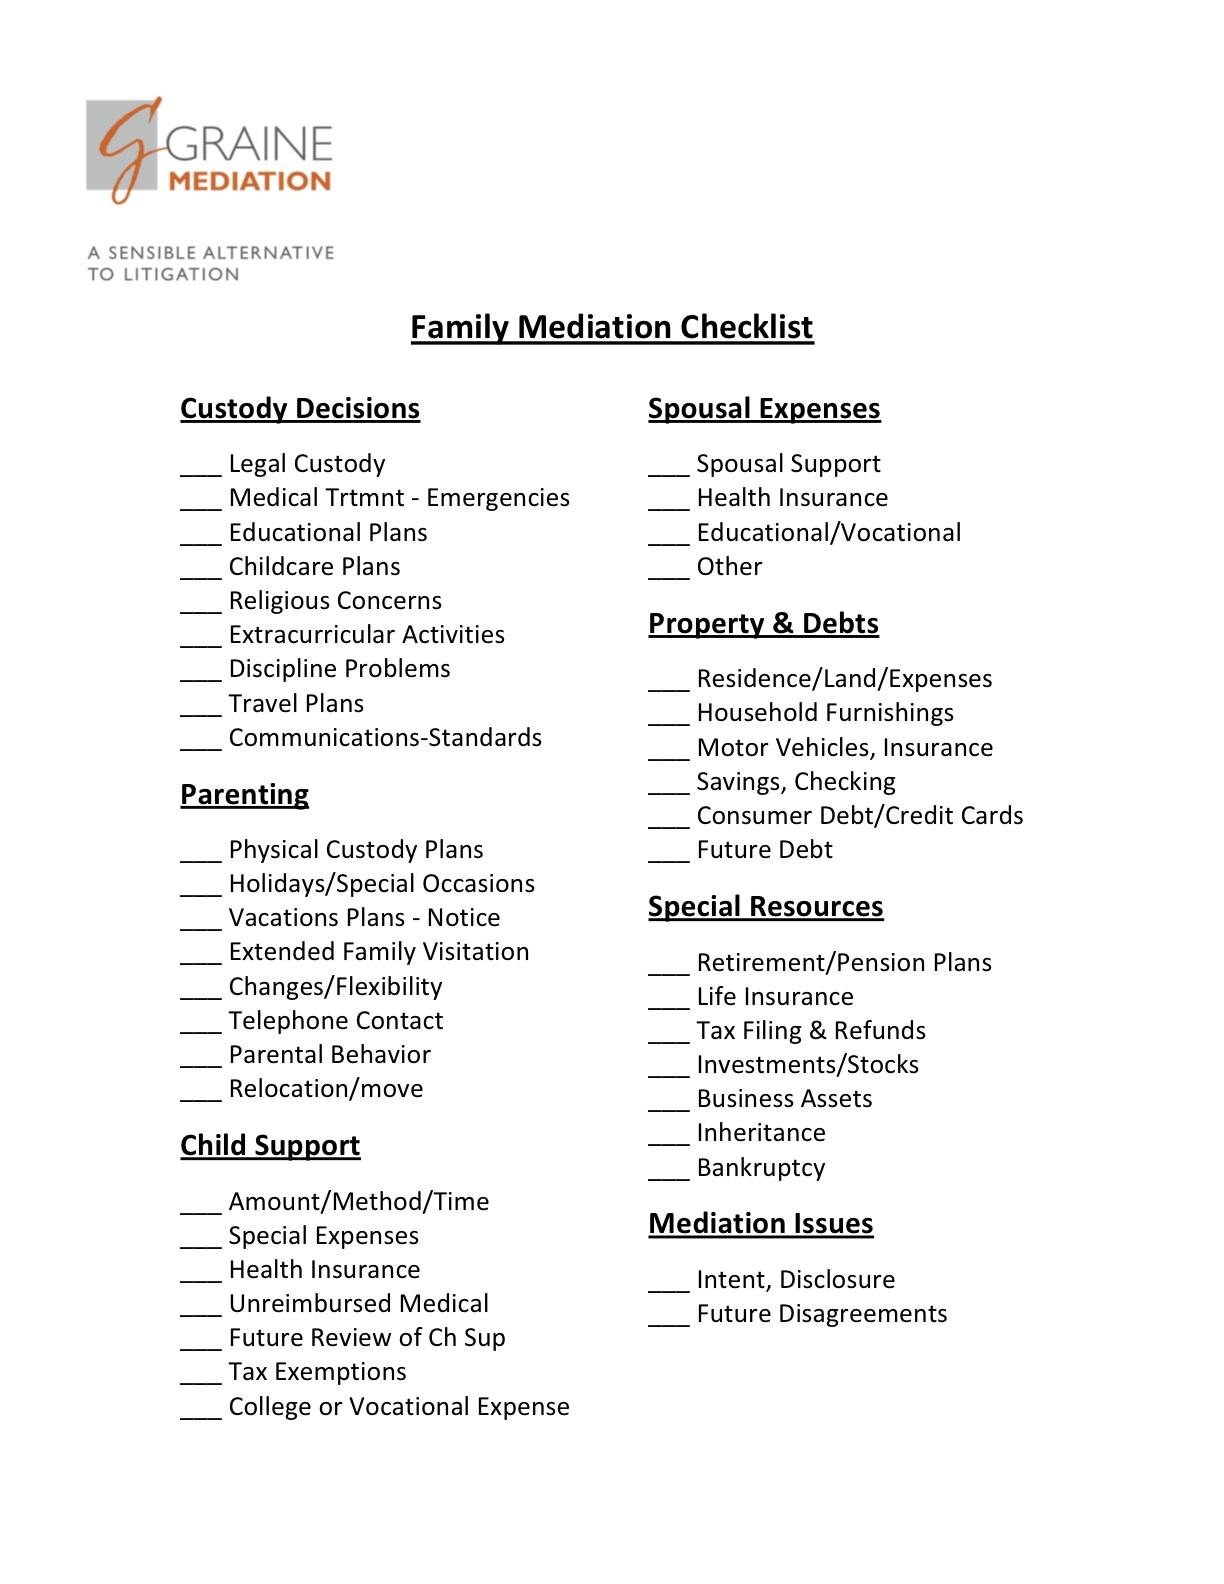 Family Mediation Checklist